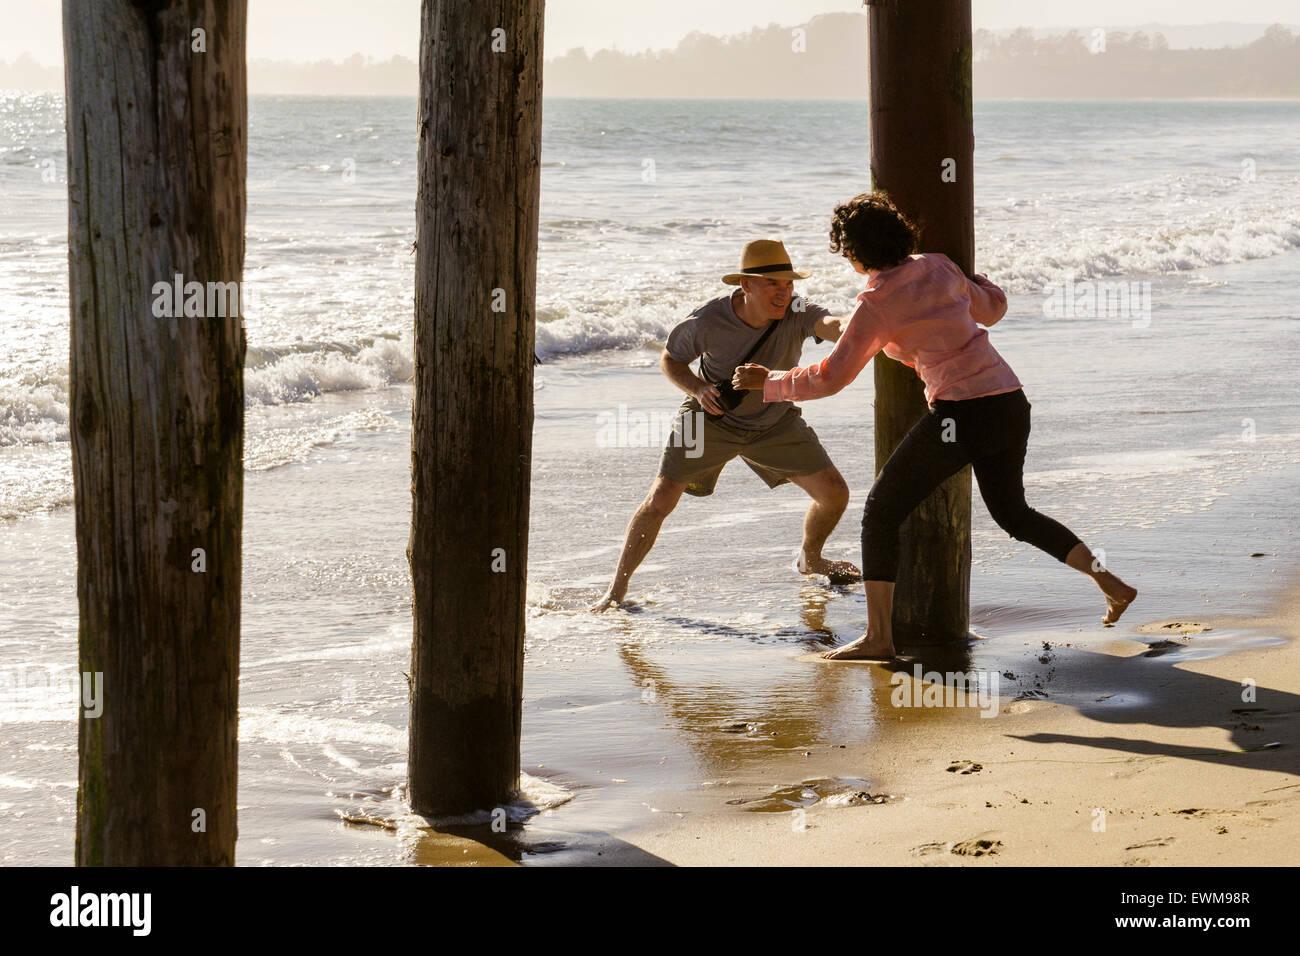 L'homme et de la femme d'âge moyen qui s'ébattent et chassant les uns les autres autour de boardwalk piers à la plage Banque D'Images